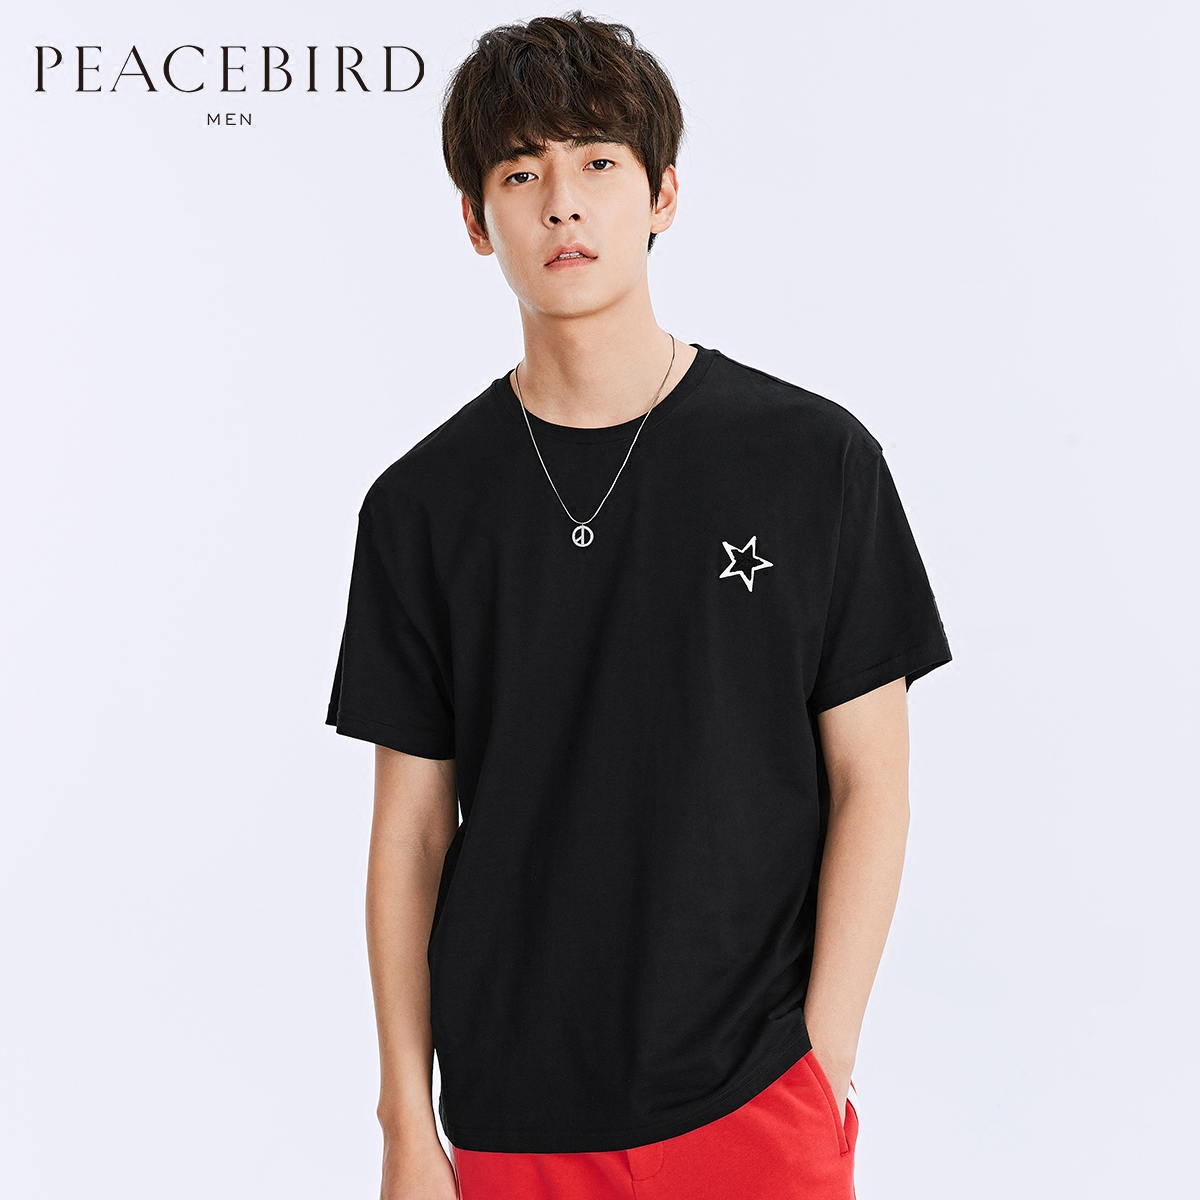 太平鸟男装 2018春装新款 男士黑色宽松植绒刺绣短袖T恤B1DA71215